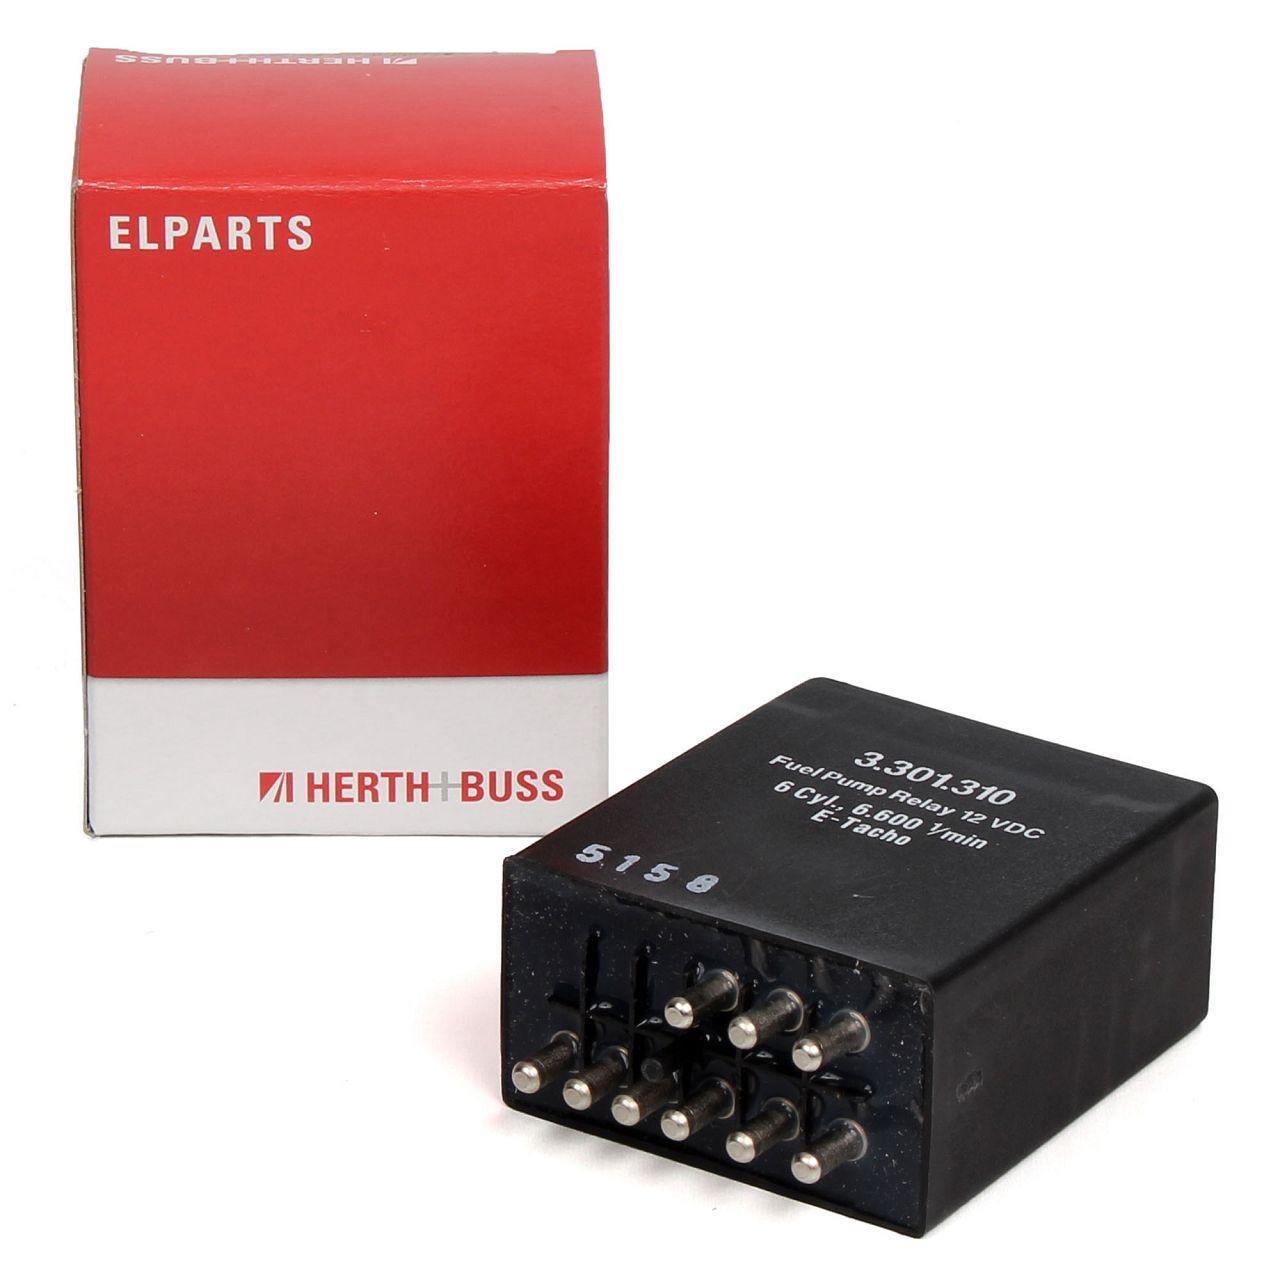 HERTH+BUSS ELPARTS Relais Kraftstoffpumpe für MERCEDES S-KLASSE W126 SL R107 280